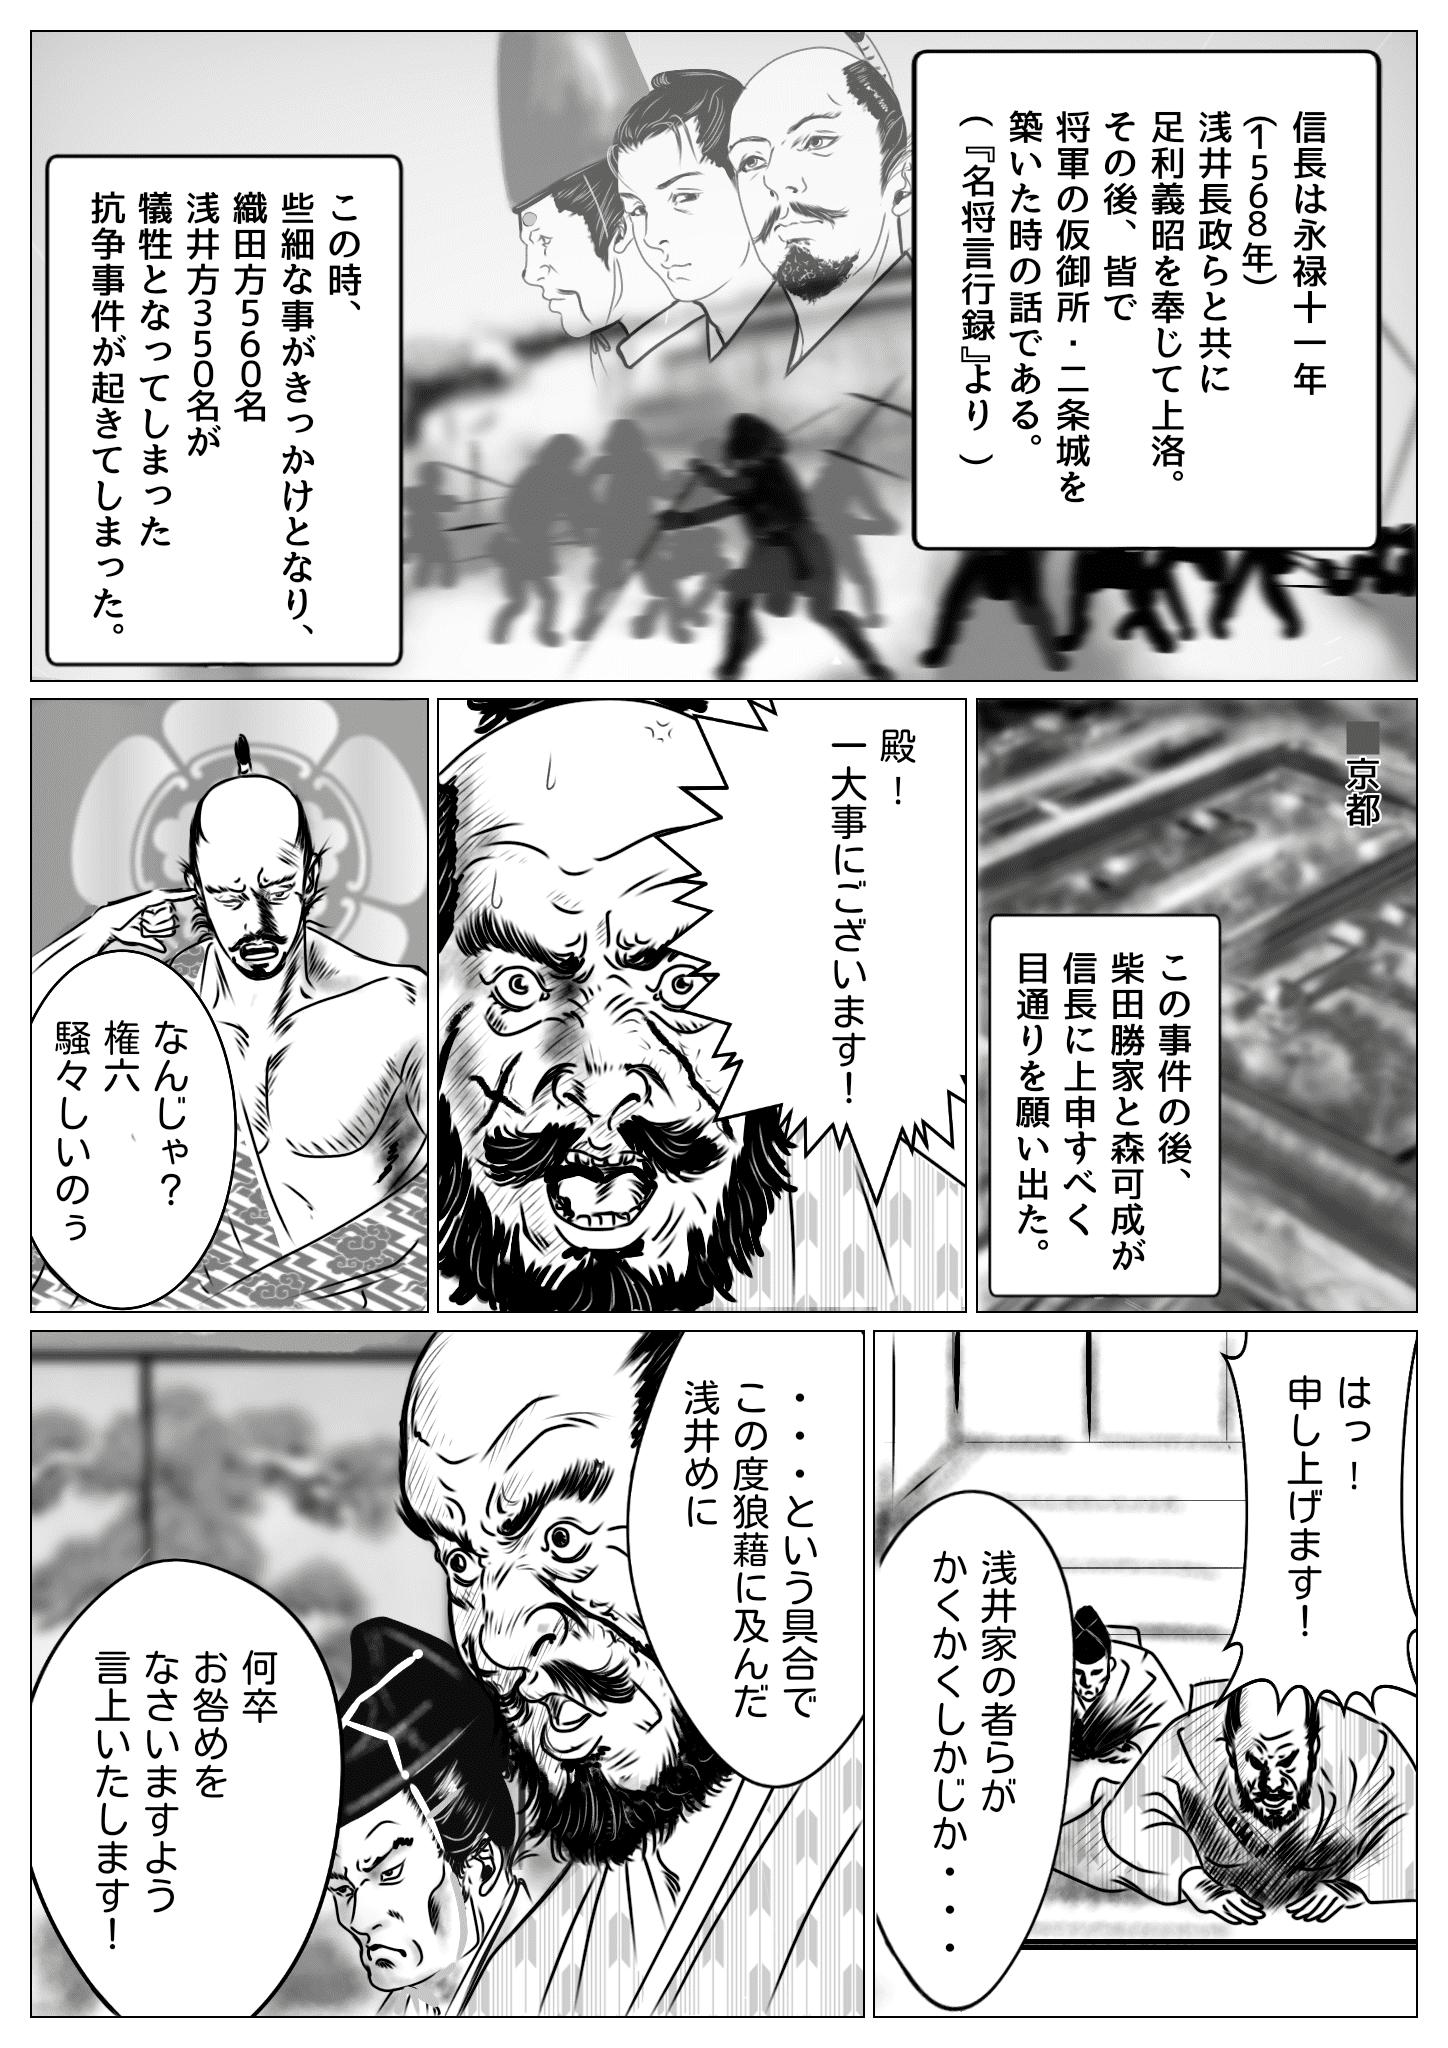 浅井は代々誉れ高き家 1ページ